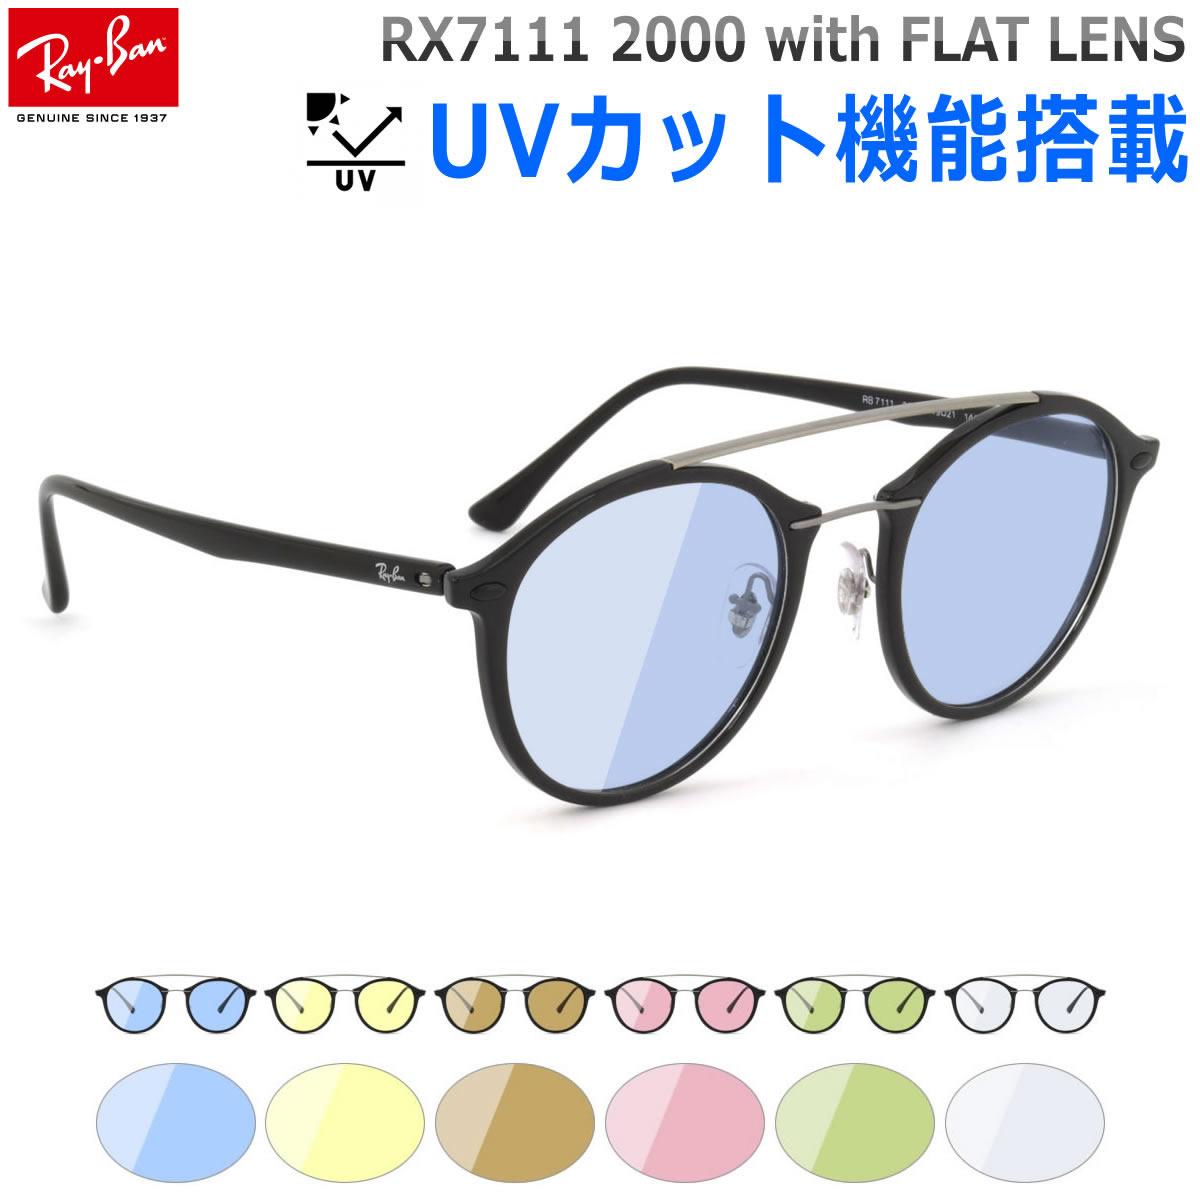 Ray-Ban レイバン UVカット付き ライトカラーサングラス セット RX7111 2000 49サイズ 51サイズLight Ray(ライトレイ) ラウンド 丸メガネ ツーブリッジ フラットライトカラー フラットレンズ ライトカラー 紫外線カット RayBan メンズ レディース [OS]